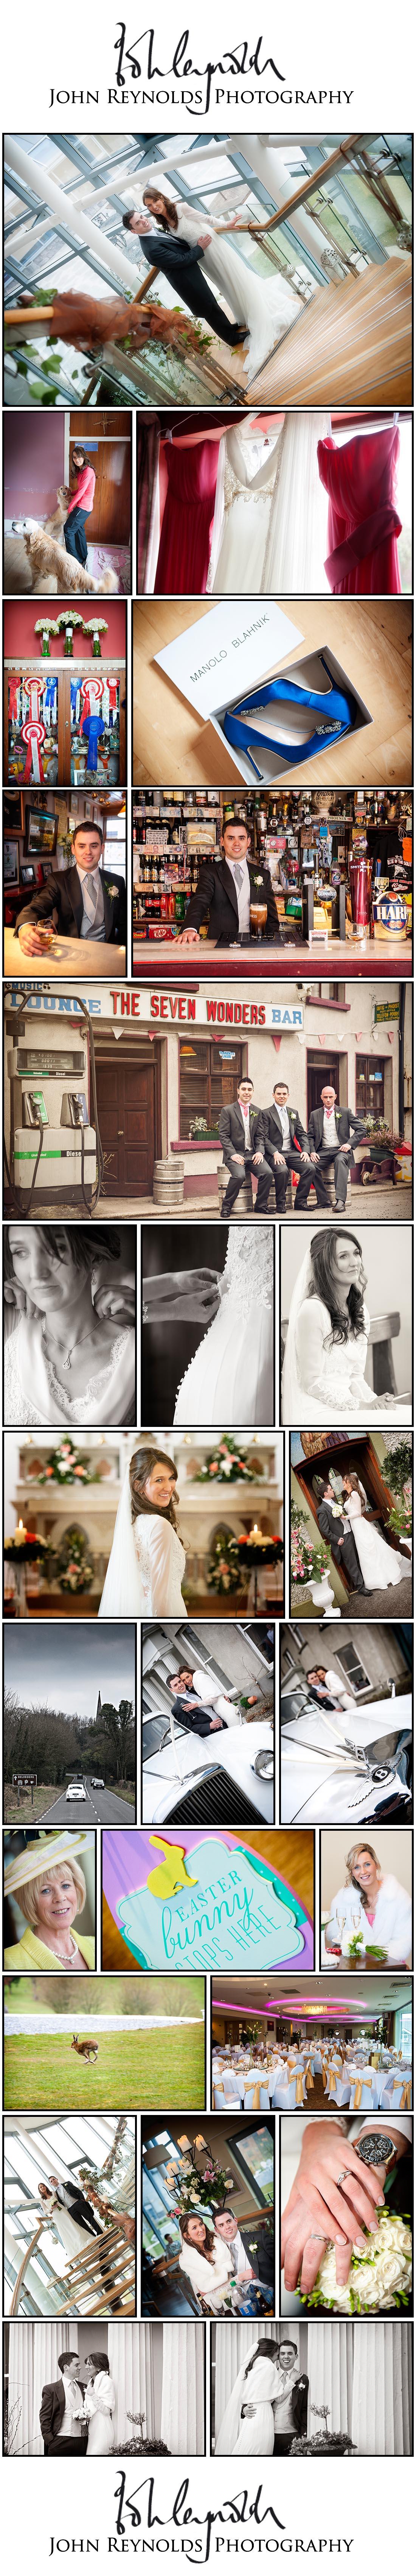 Blog Collage-Sandra & GaryBlog